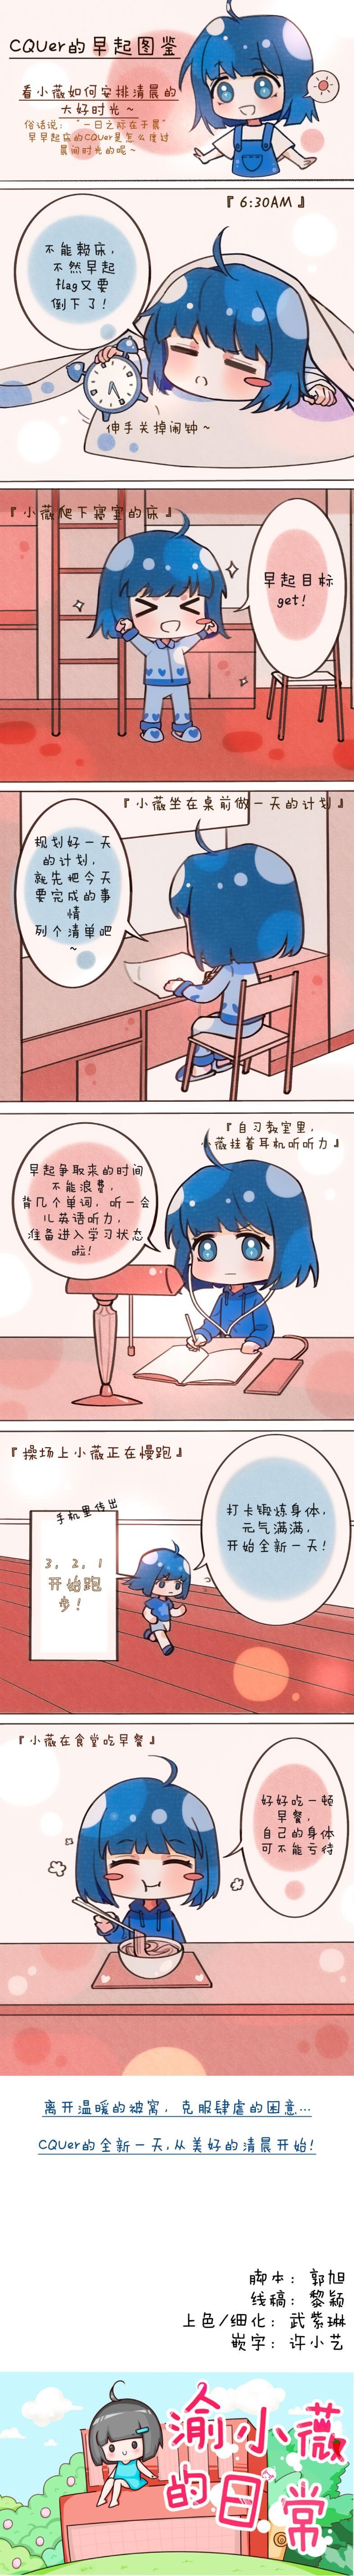 小薇漫画 | CQUer的早起图鉴图片